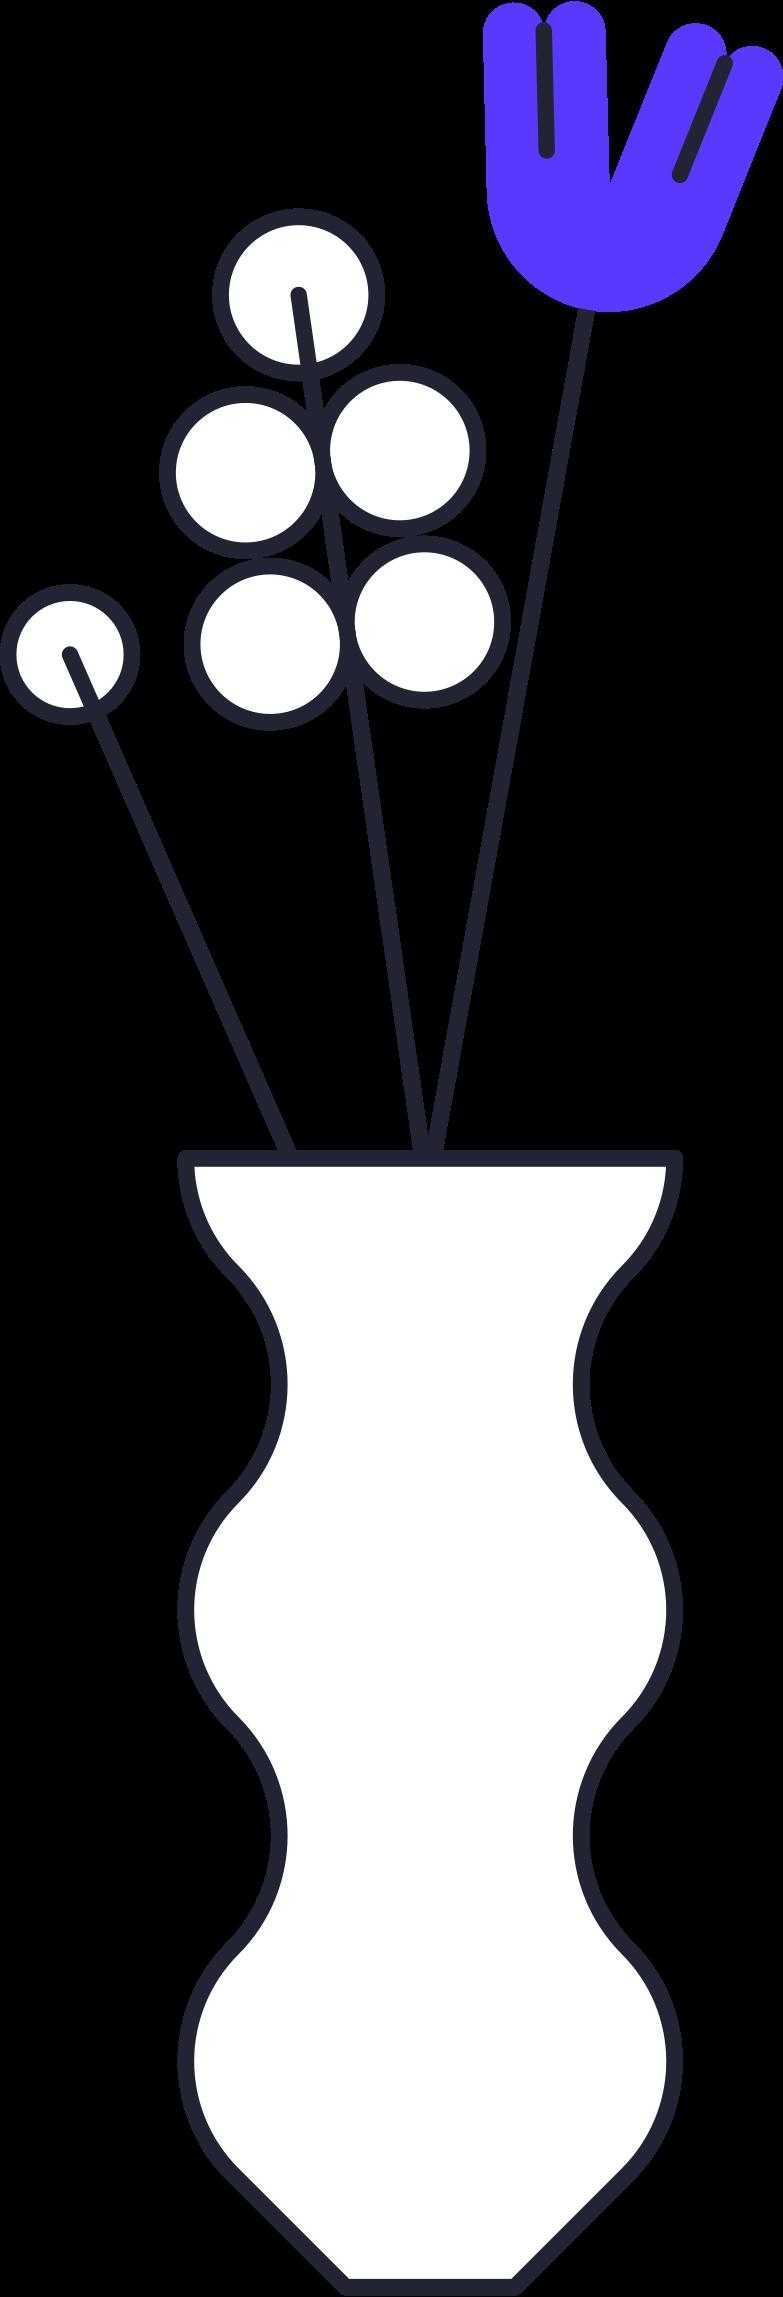 Ilustración de clipart de payment processed  vase with flowers en PNG, SVG